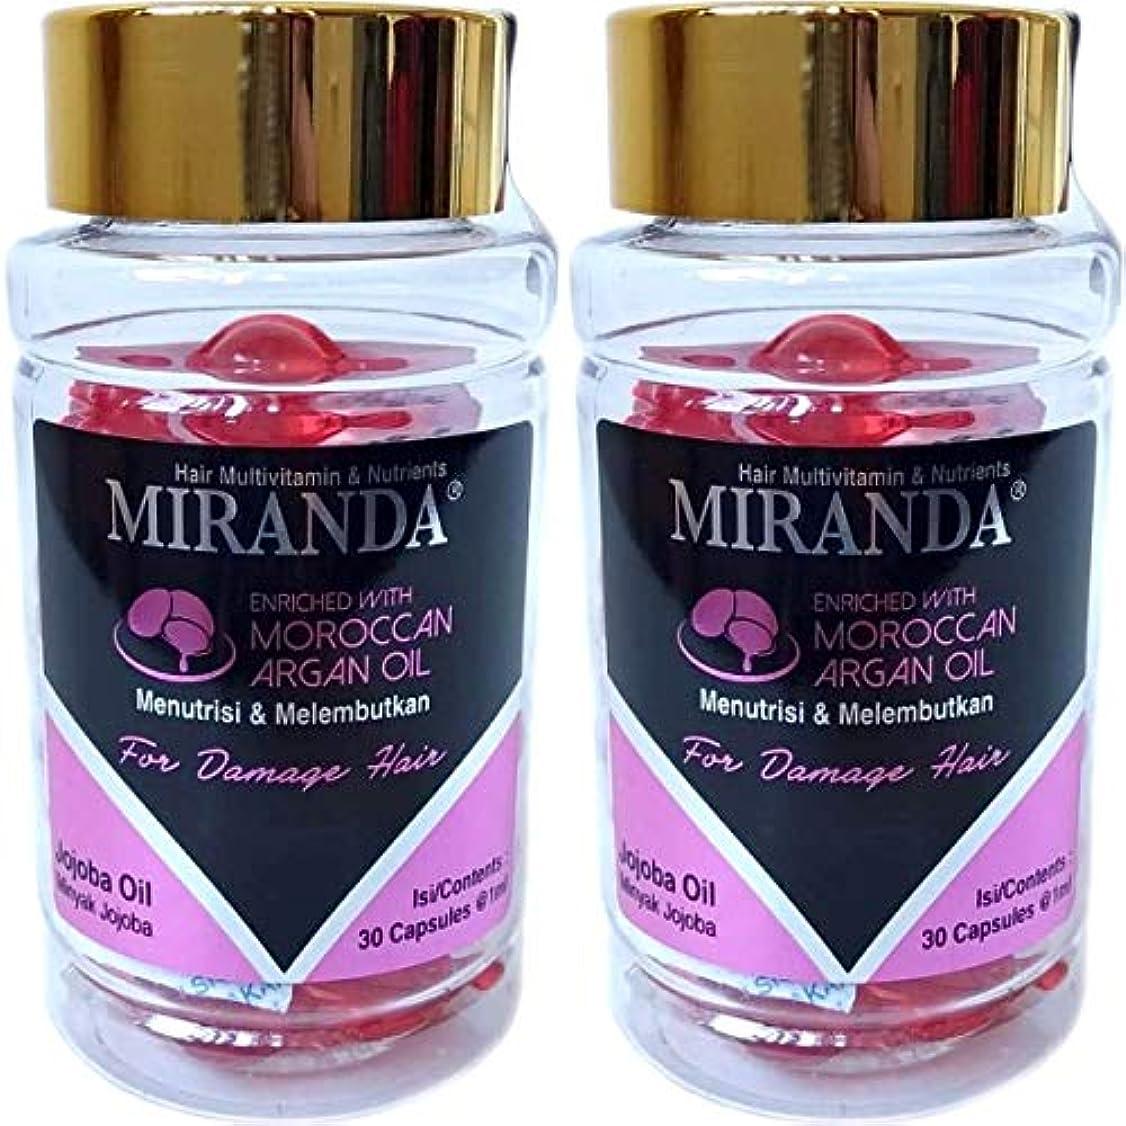 凍った手書き大西洋MIRANDA ミランダ Hair Multivitamin&Nutrients ヘアマルチビタミン ニュートリエンツ 洗い流さないヘアトリートメント 30粒入ボトル×2個セット Jojoba oil ホホバオイル [海外直送品]